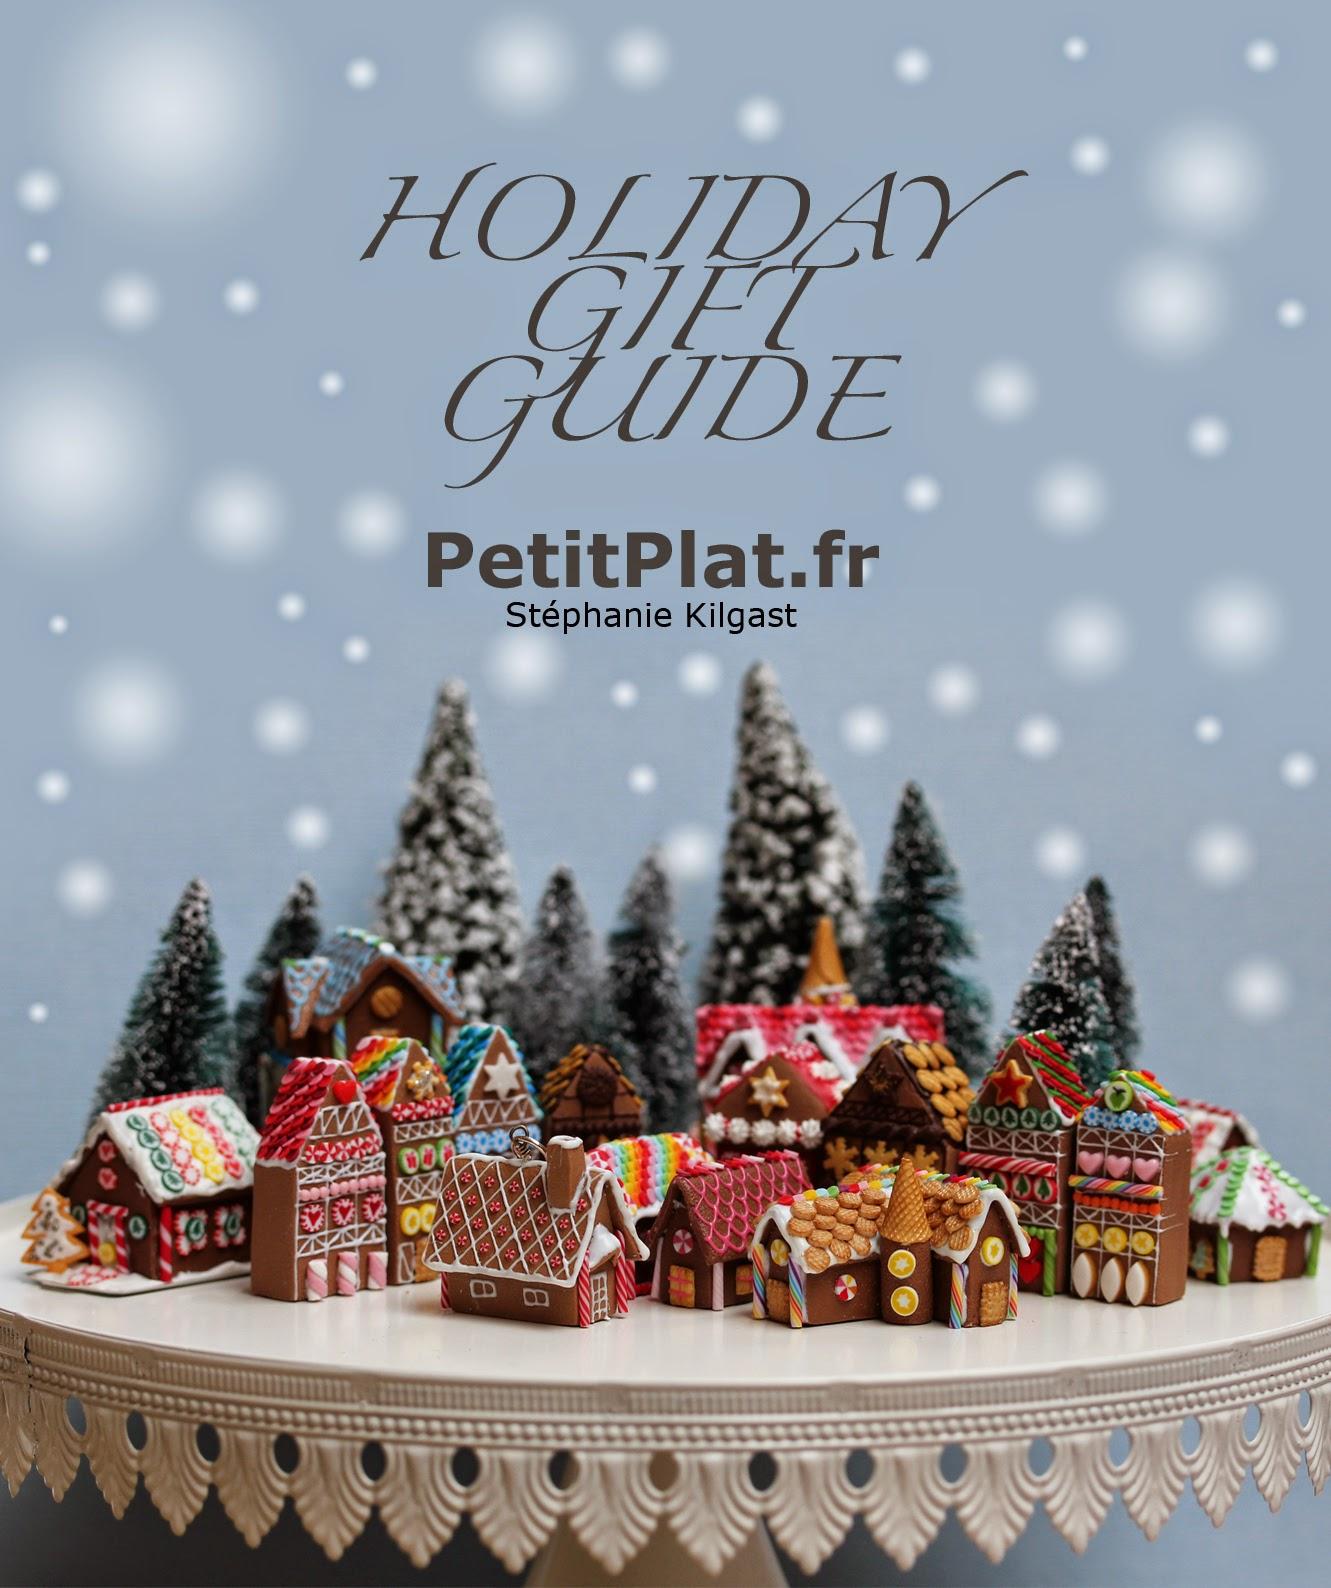 PetitPlat Miniatures, Holidays Gift Guide, Christmas 2014